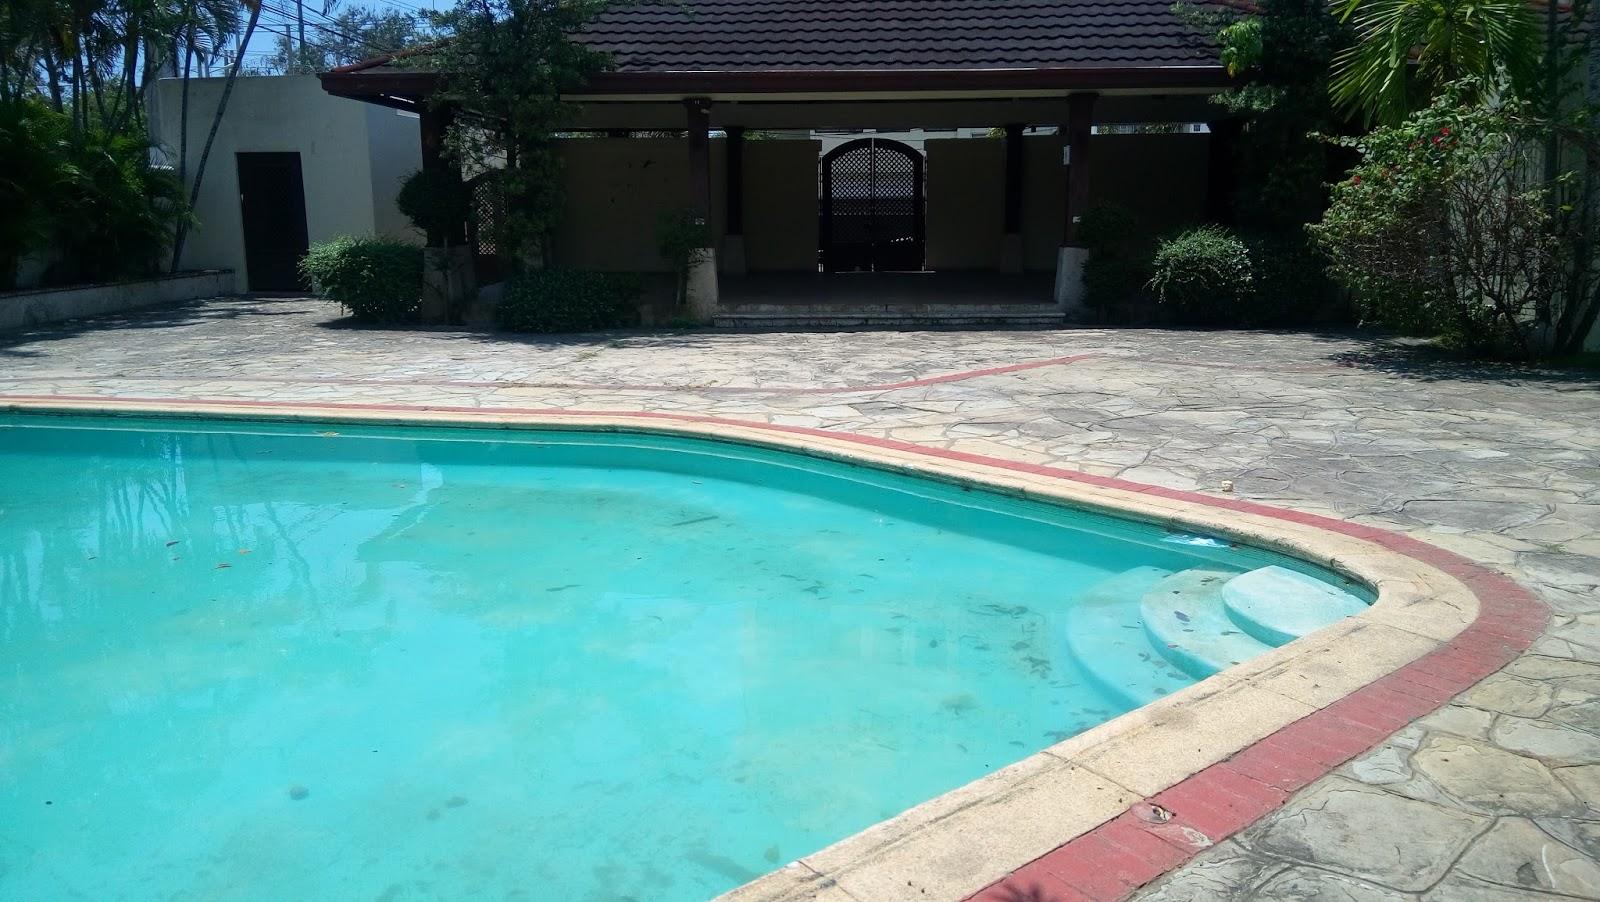 Casa club alquiler actividades cumplea os y fiestas for Alquiler de piscinas